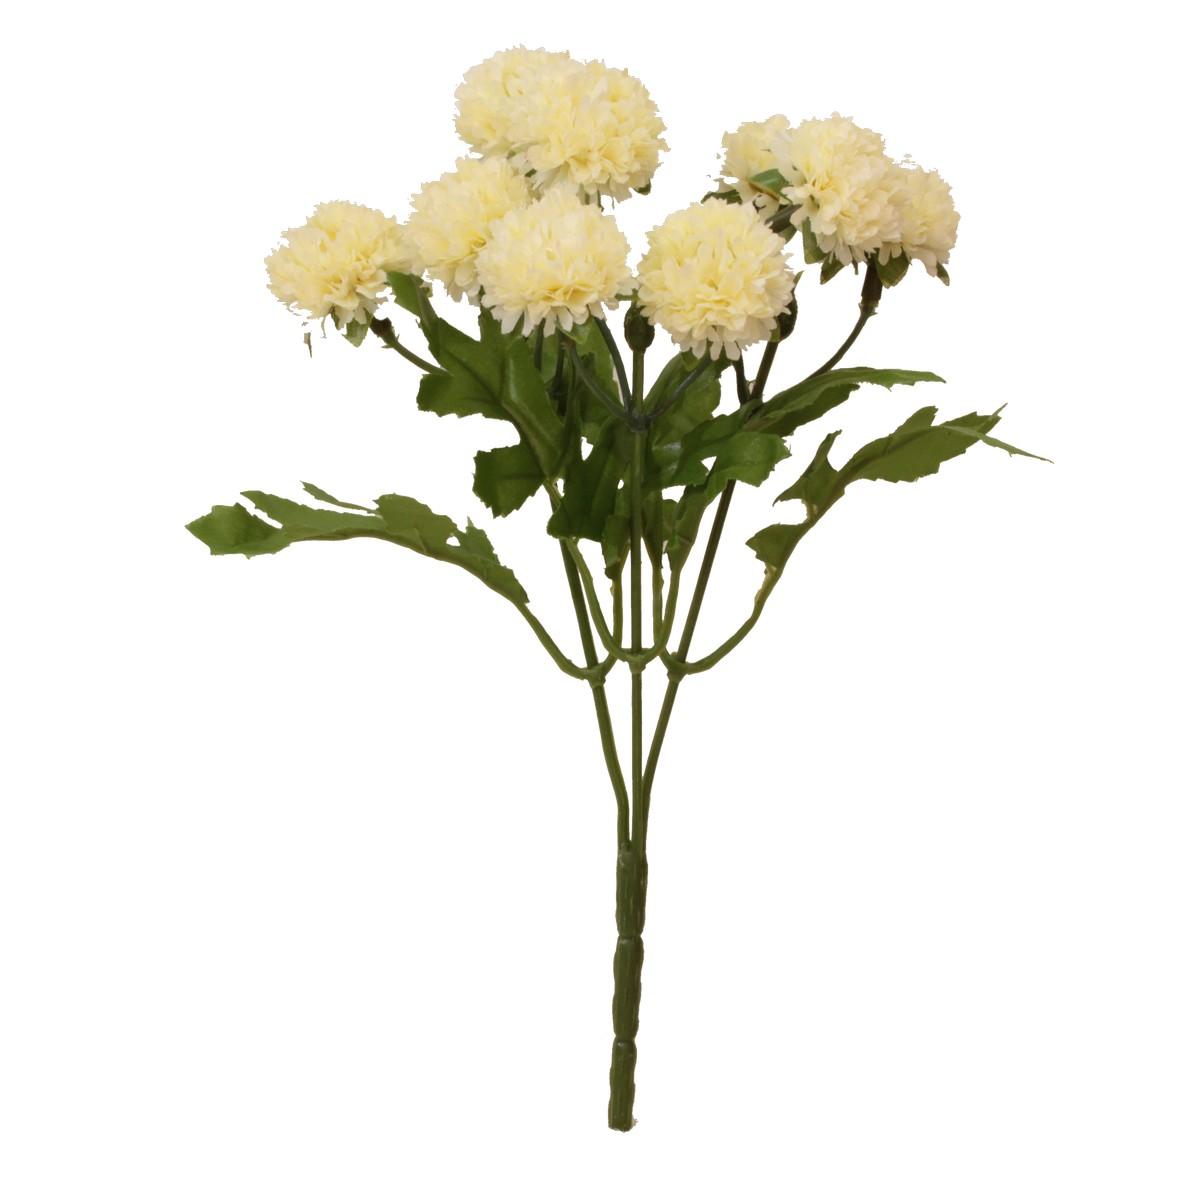 公式サイト 【造花】パレ/マムブッシュ クリーム 造花/P-8282-10 》【01】【取寄】[24本]《 造花(アーティフィシャルフラワー) 造花 花材「か行」 キク(菊)・ピンポンマム 》, BELMANI -ベルト、革小物の専門店-:10908f92 --- business.personalco5.dominiotemporario.com